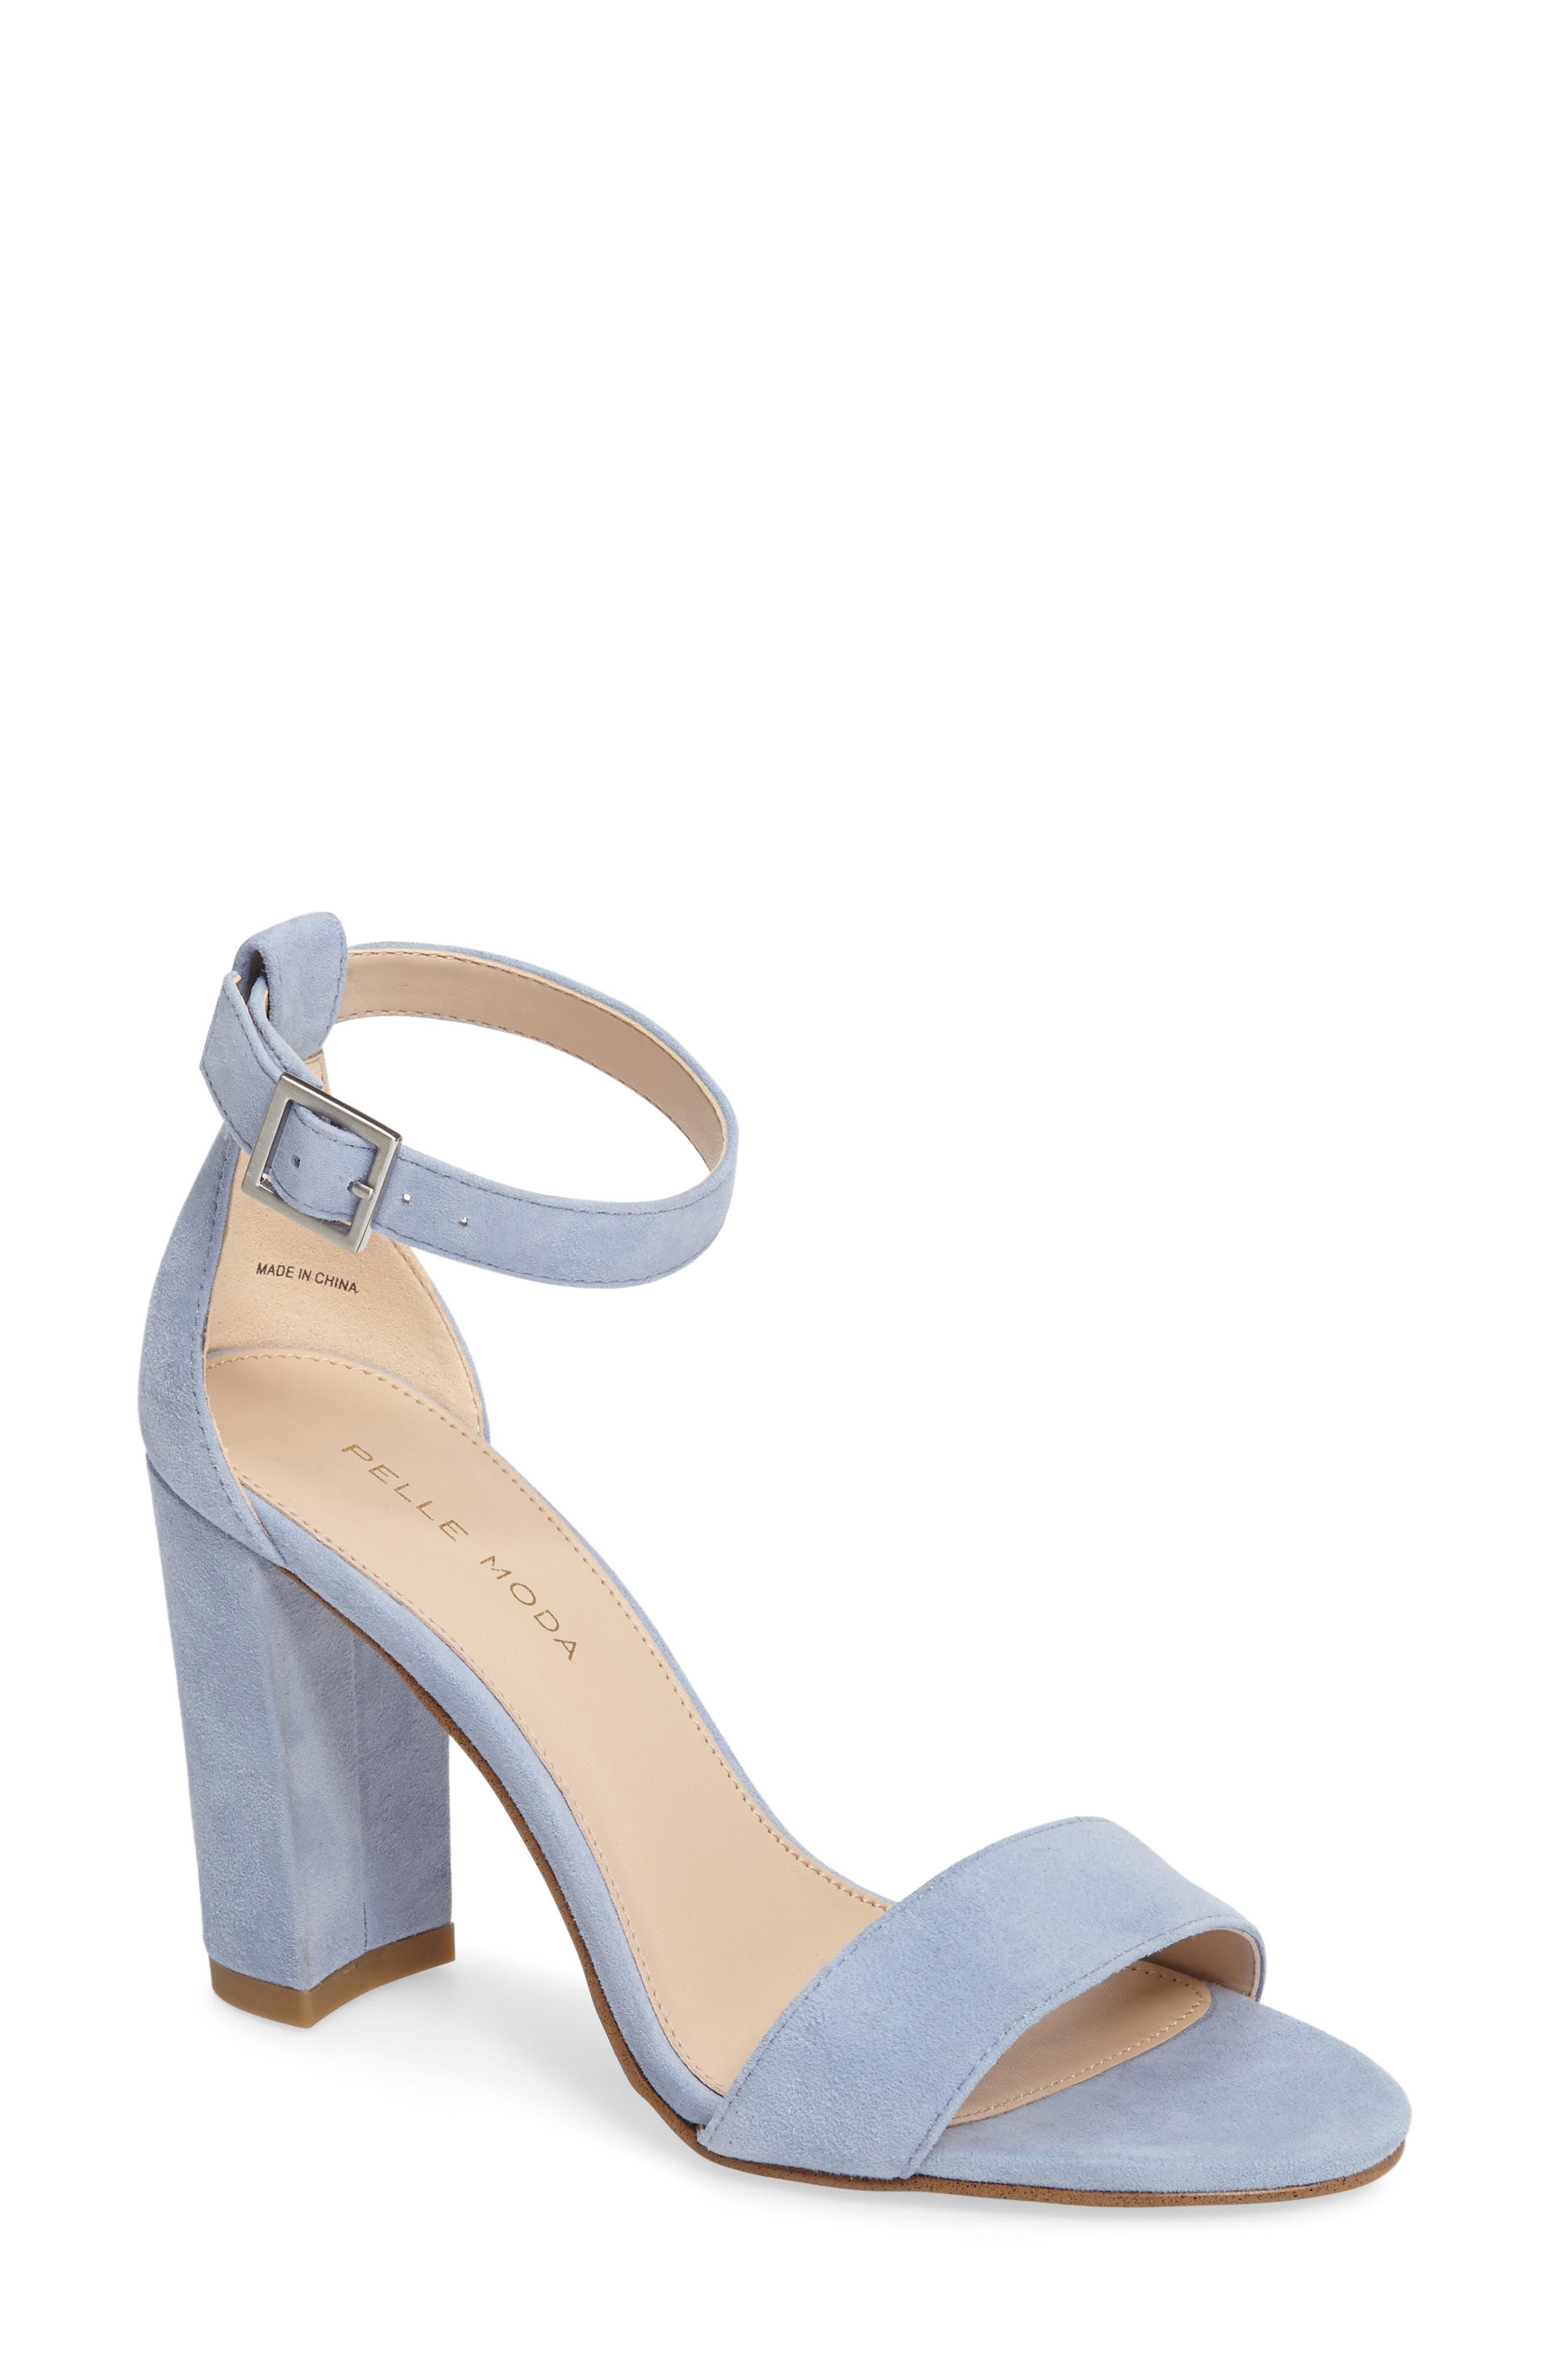 'Bonnie' Ankle Strap Sandal,                             Main thumbnail 1, color,                             Powder Blue Leather